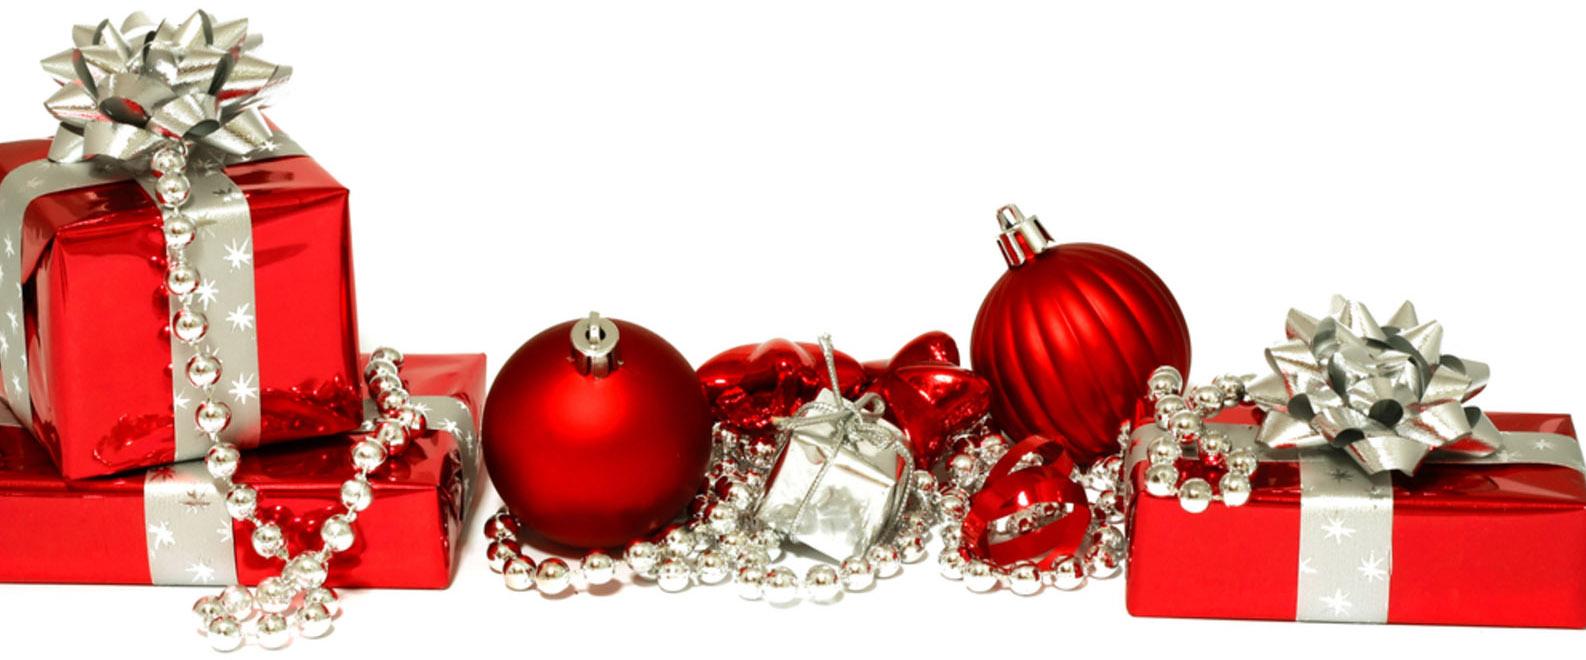 tesco christmas gifts